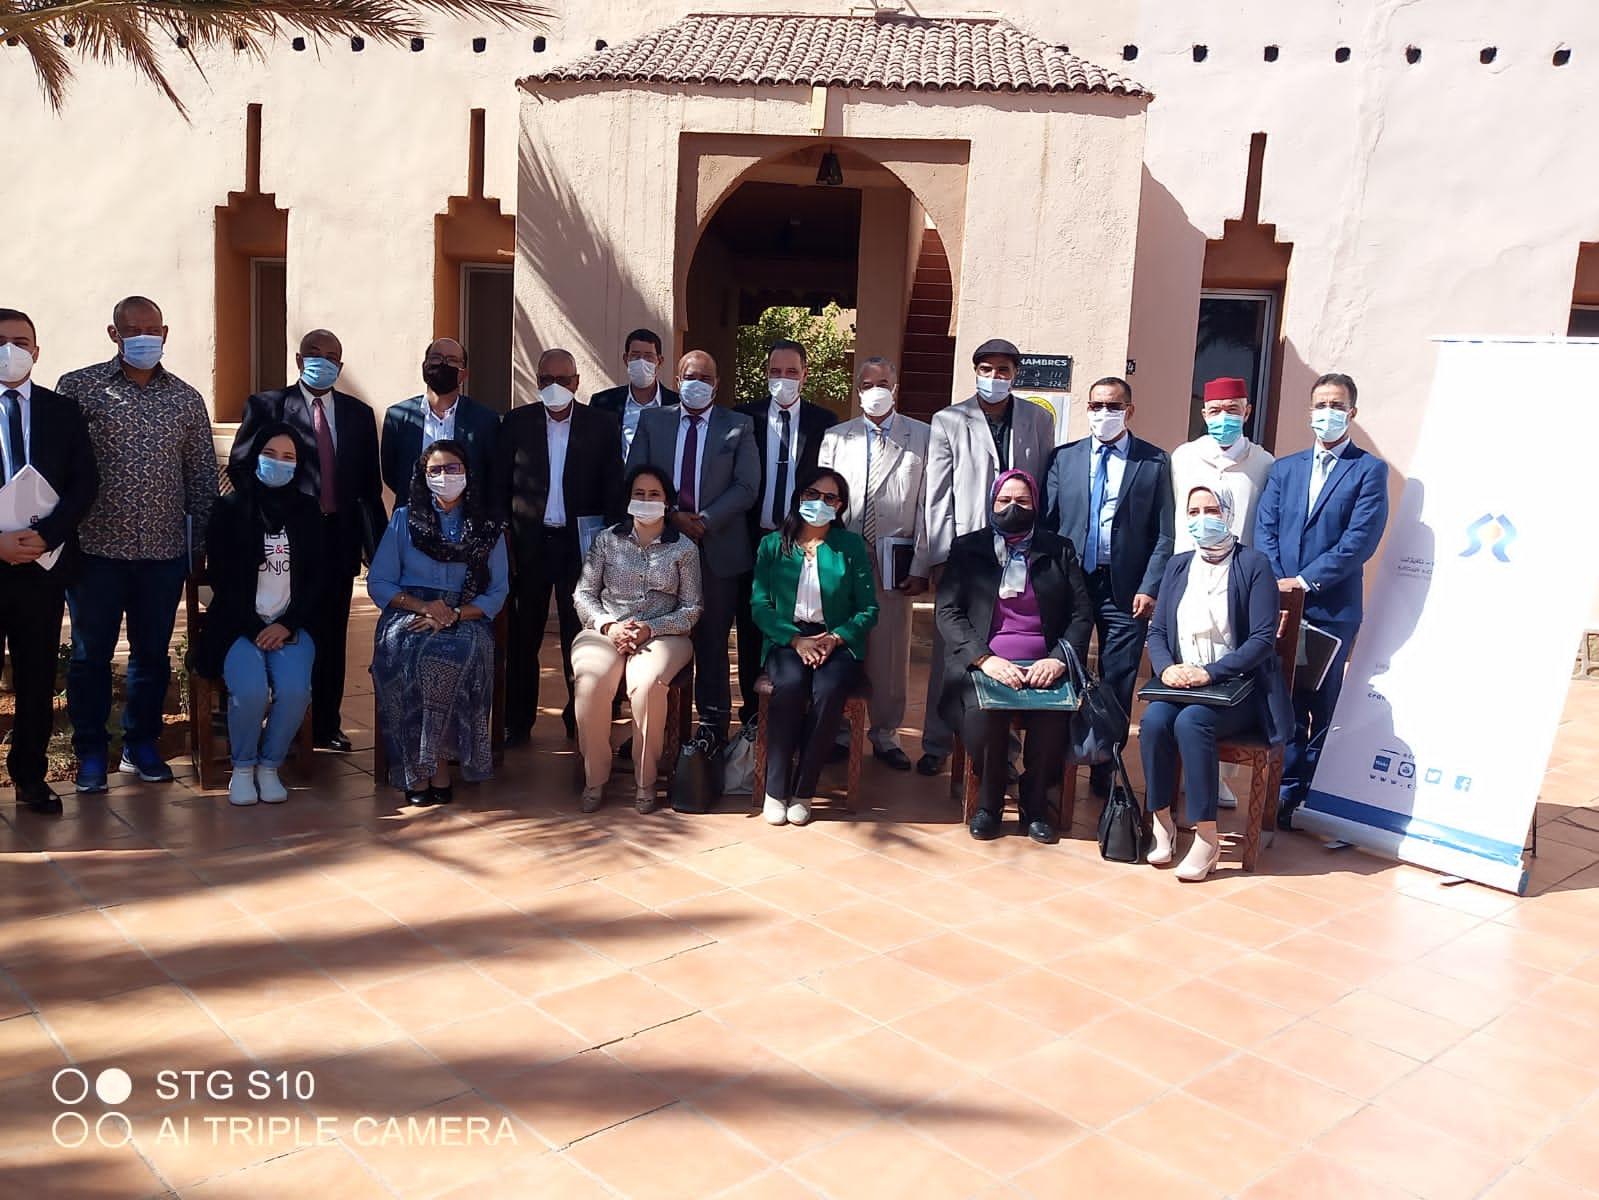 حفل تنصيب الأعضاء الجدد للجنة الجهوية لحقوق الإنسان بجهة درعة تافيلالت